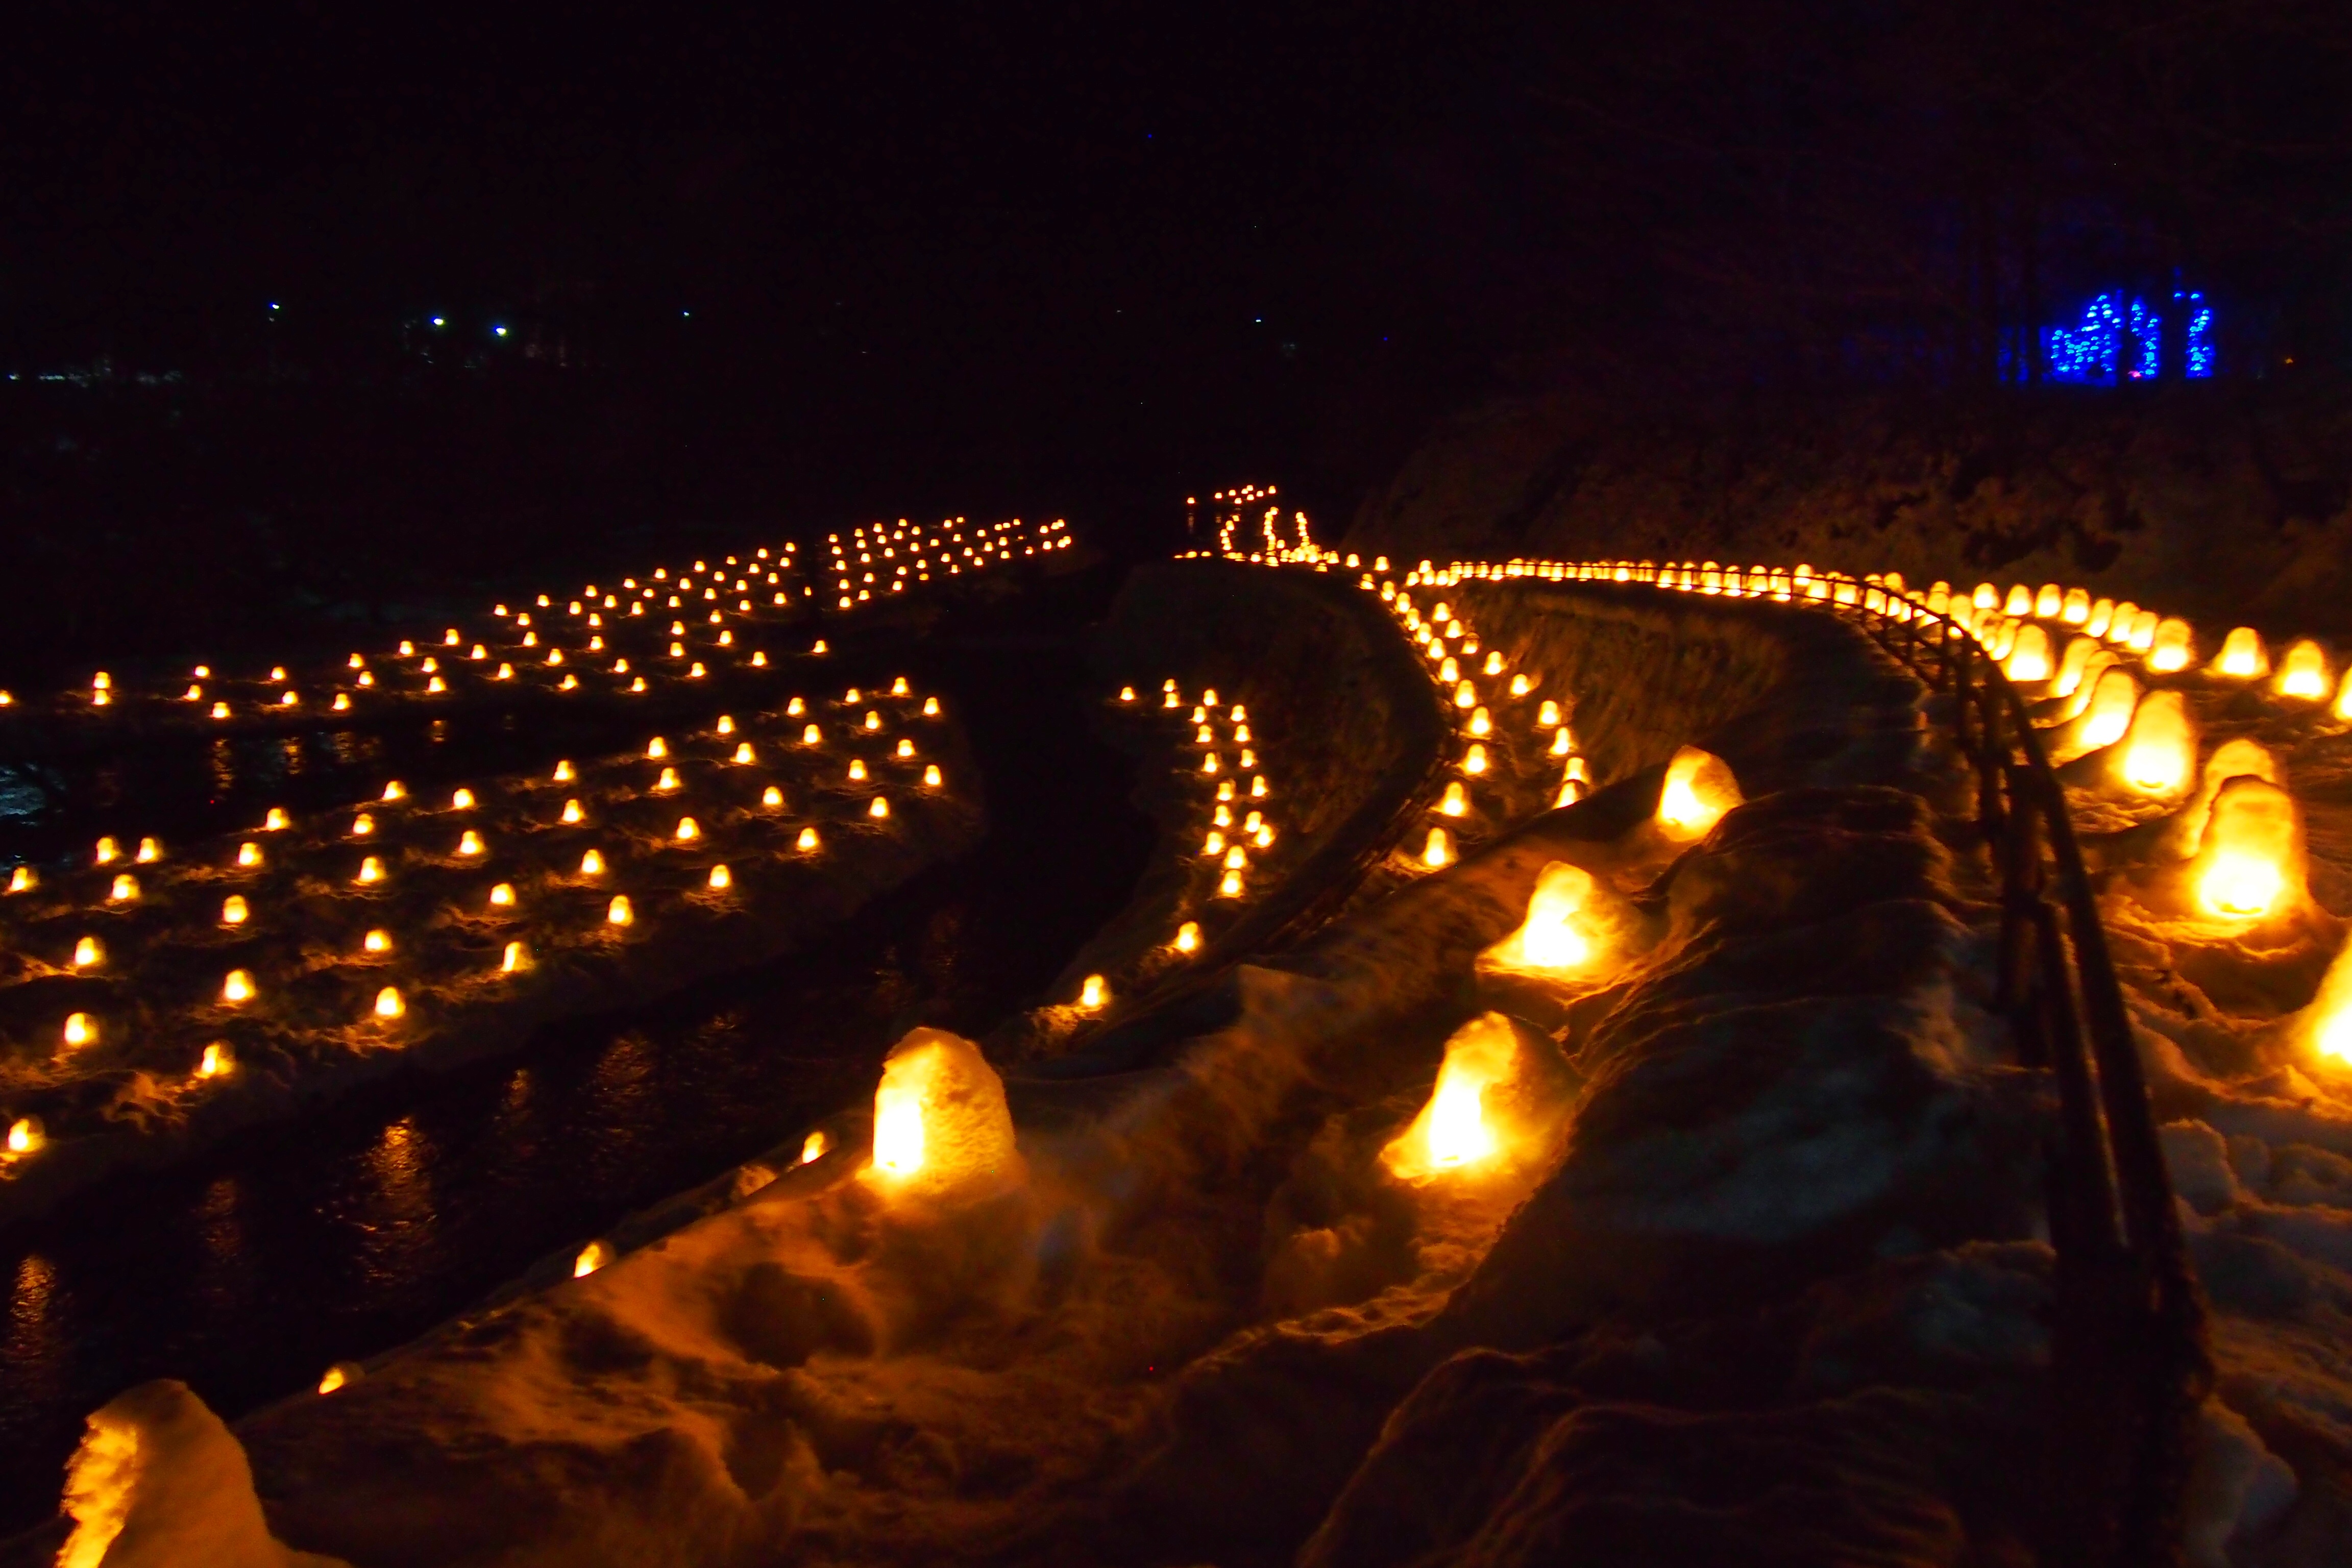 【湯西川温泉】幻想的な『かまくら祭』と雪見温泉にほっこりの旅